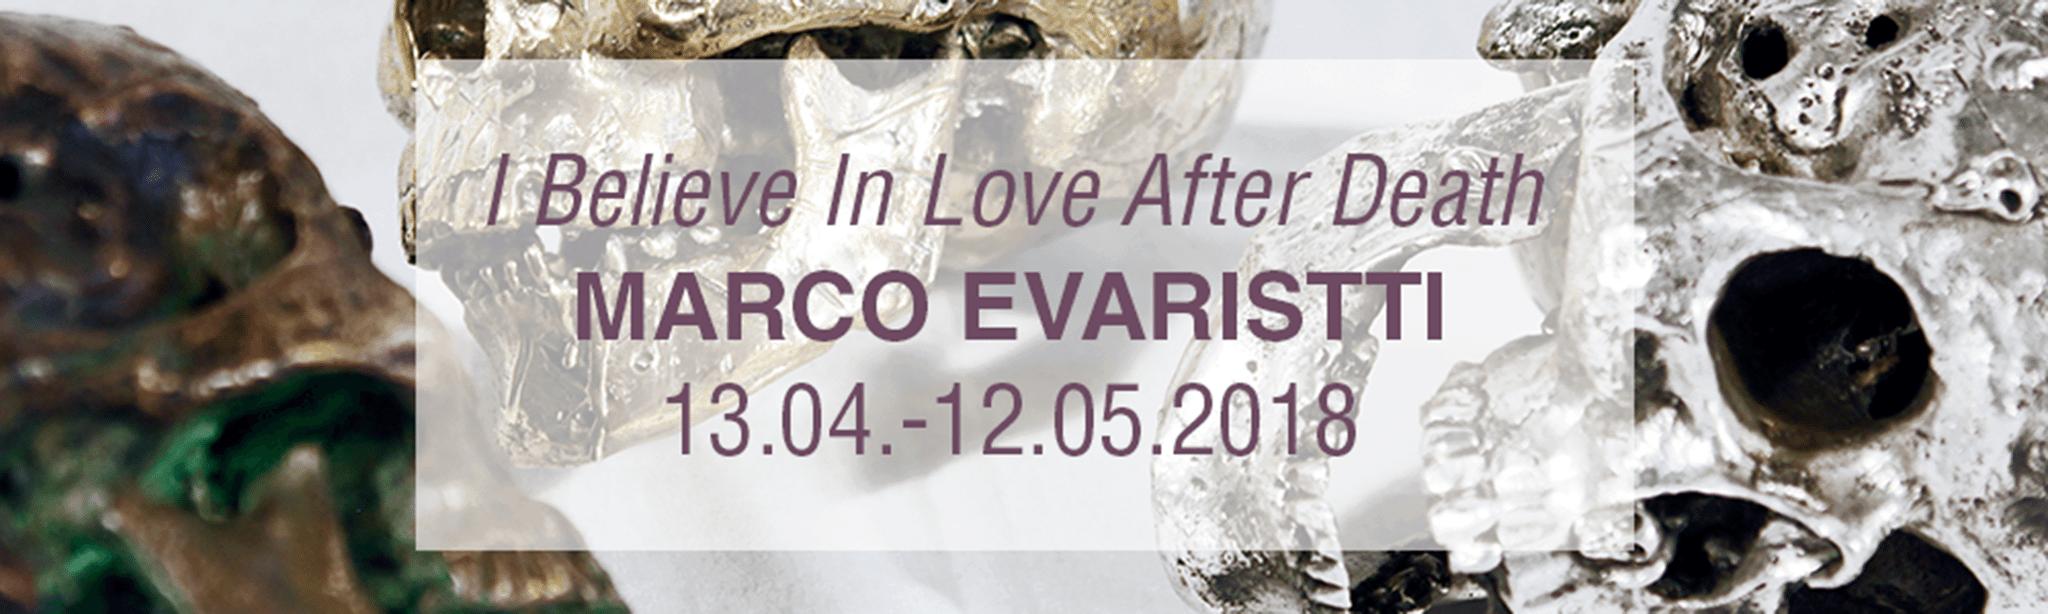 Marco Evaristti \